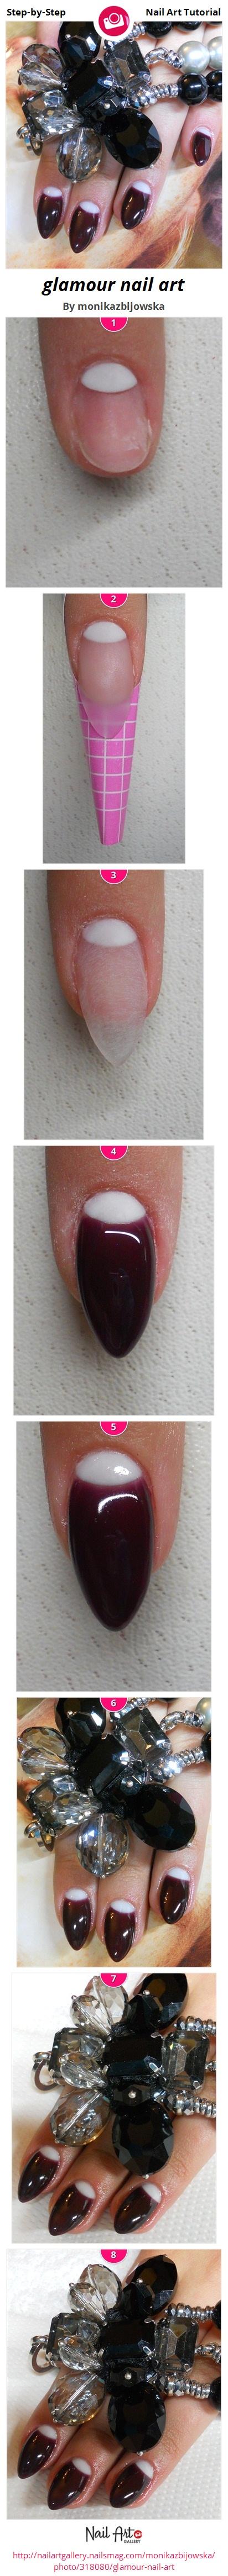 glamour nail art - Nail Art Gallery